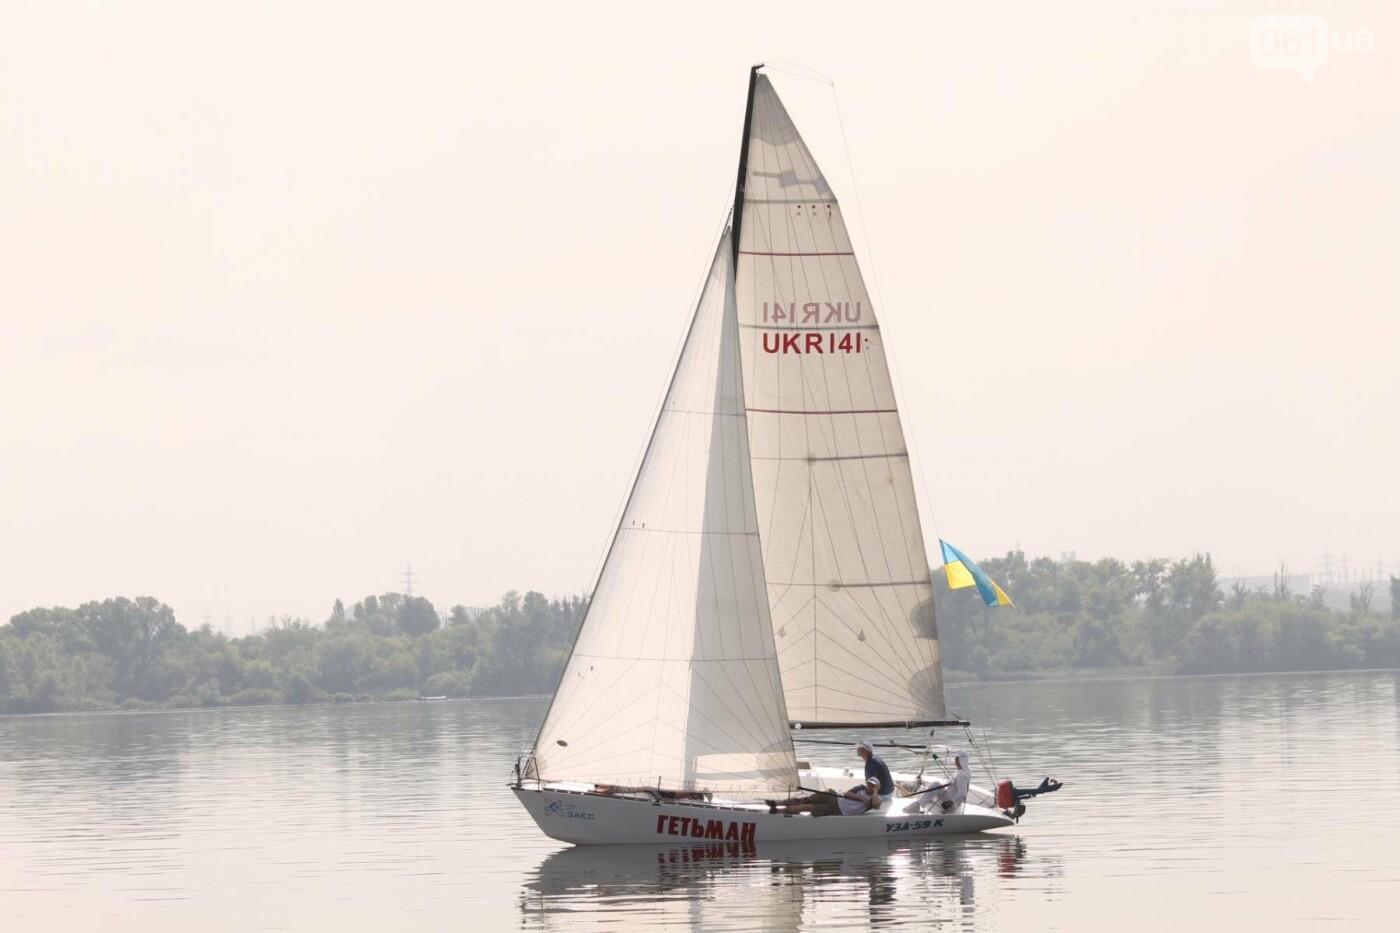 Сотни спортсменов и десятки яхт: как в Запорожье проходит парусная регата, – ФОТОРЕПОРТАЖ, фото-1